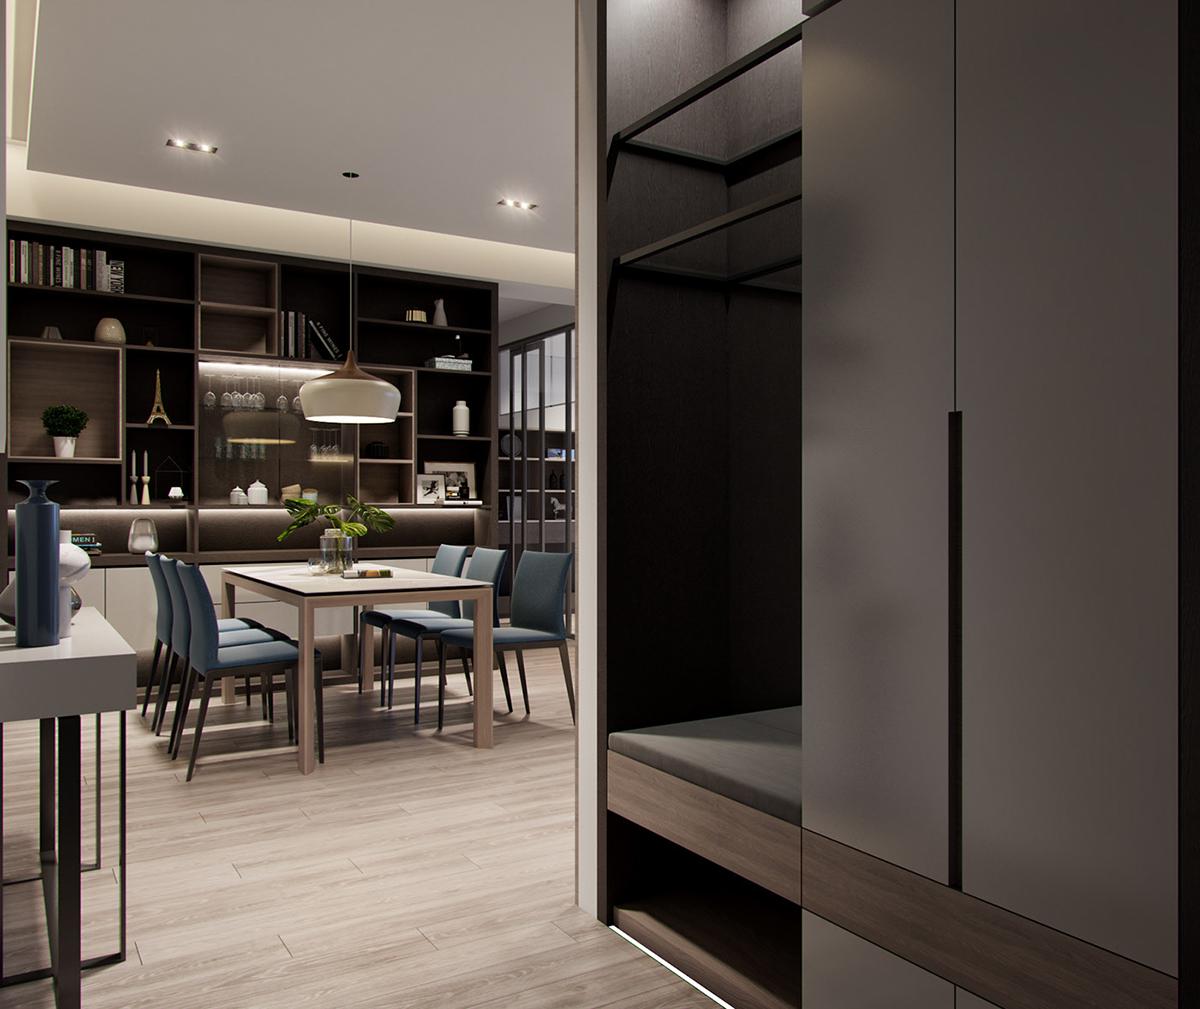 Nội thất căn hộ 80m² có 2 phòng ngủ vừa gọn đẹp lại vừa sang